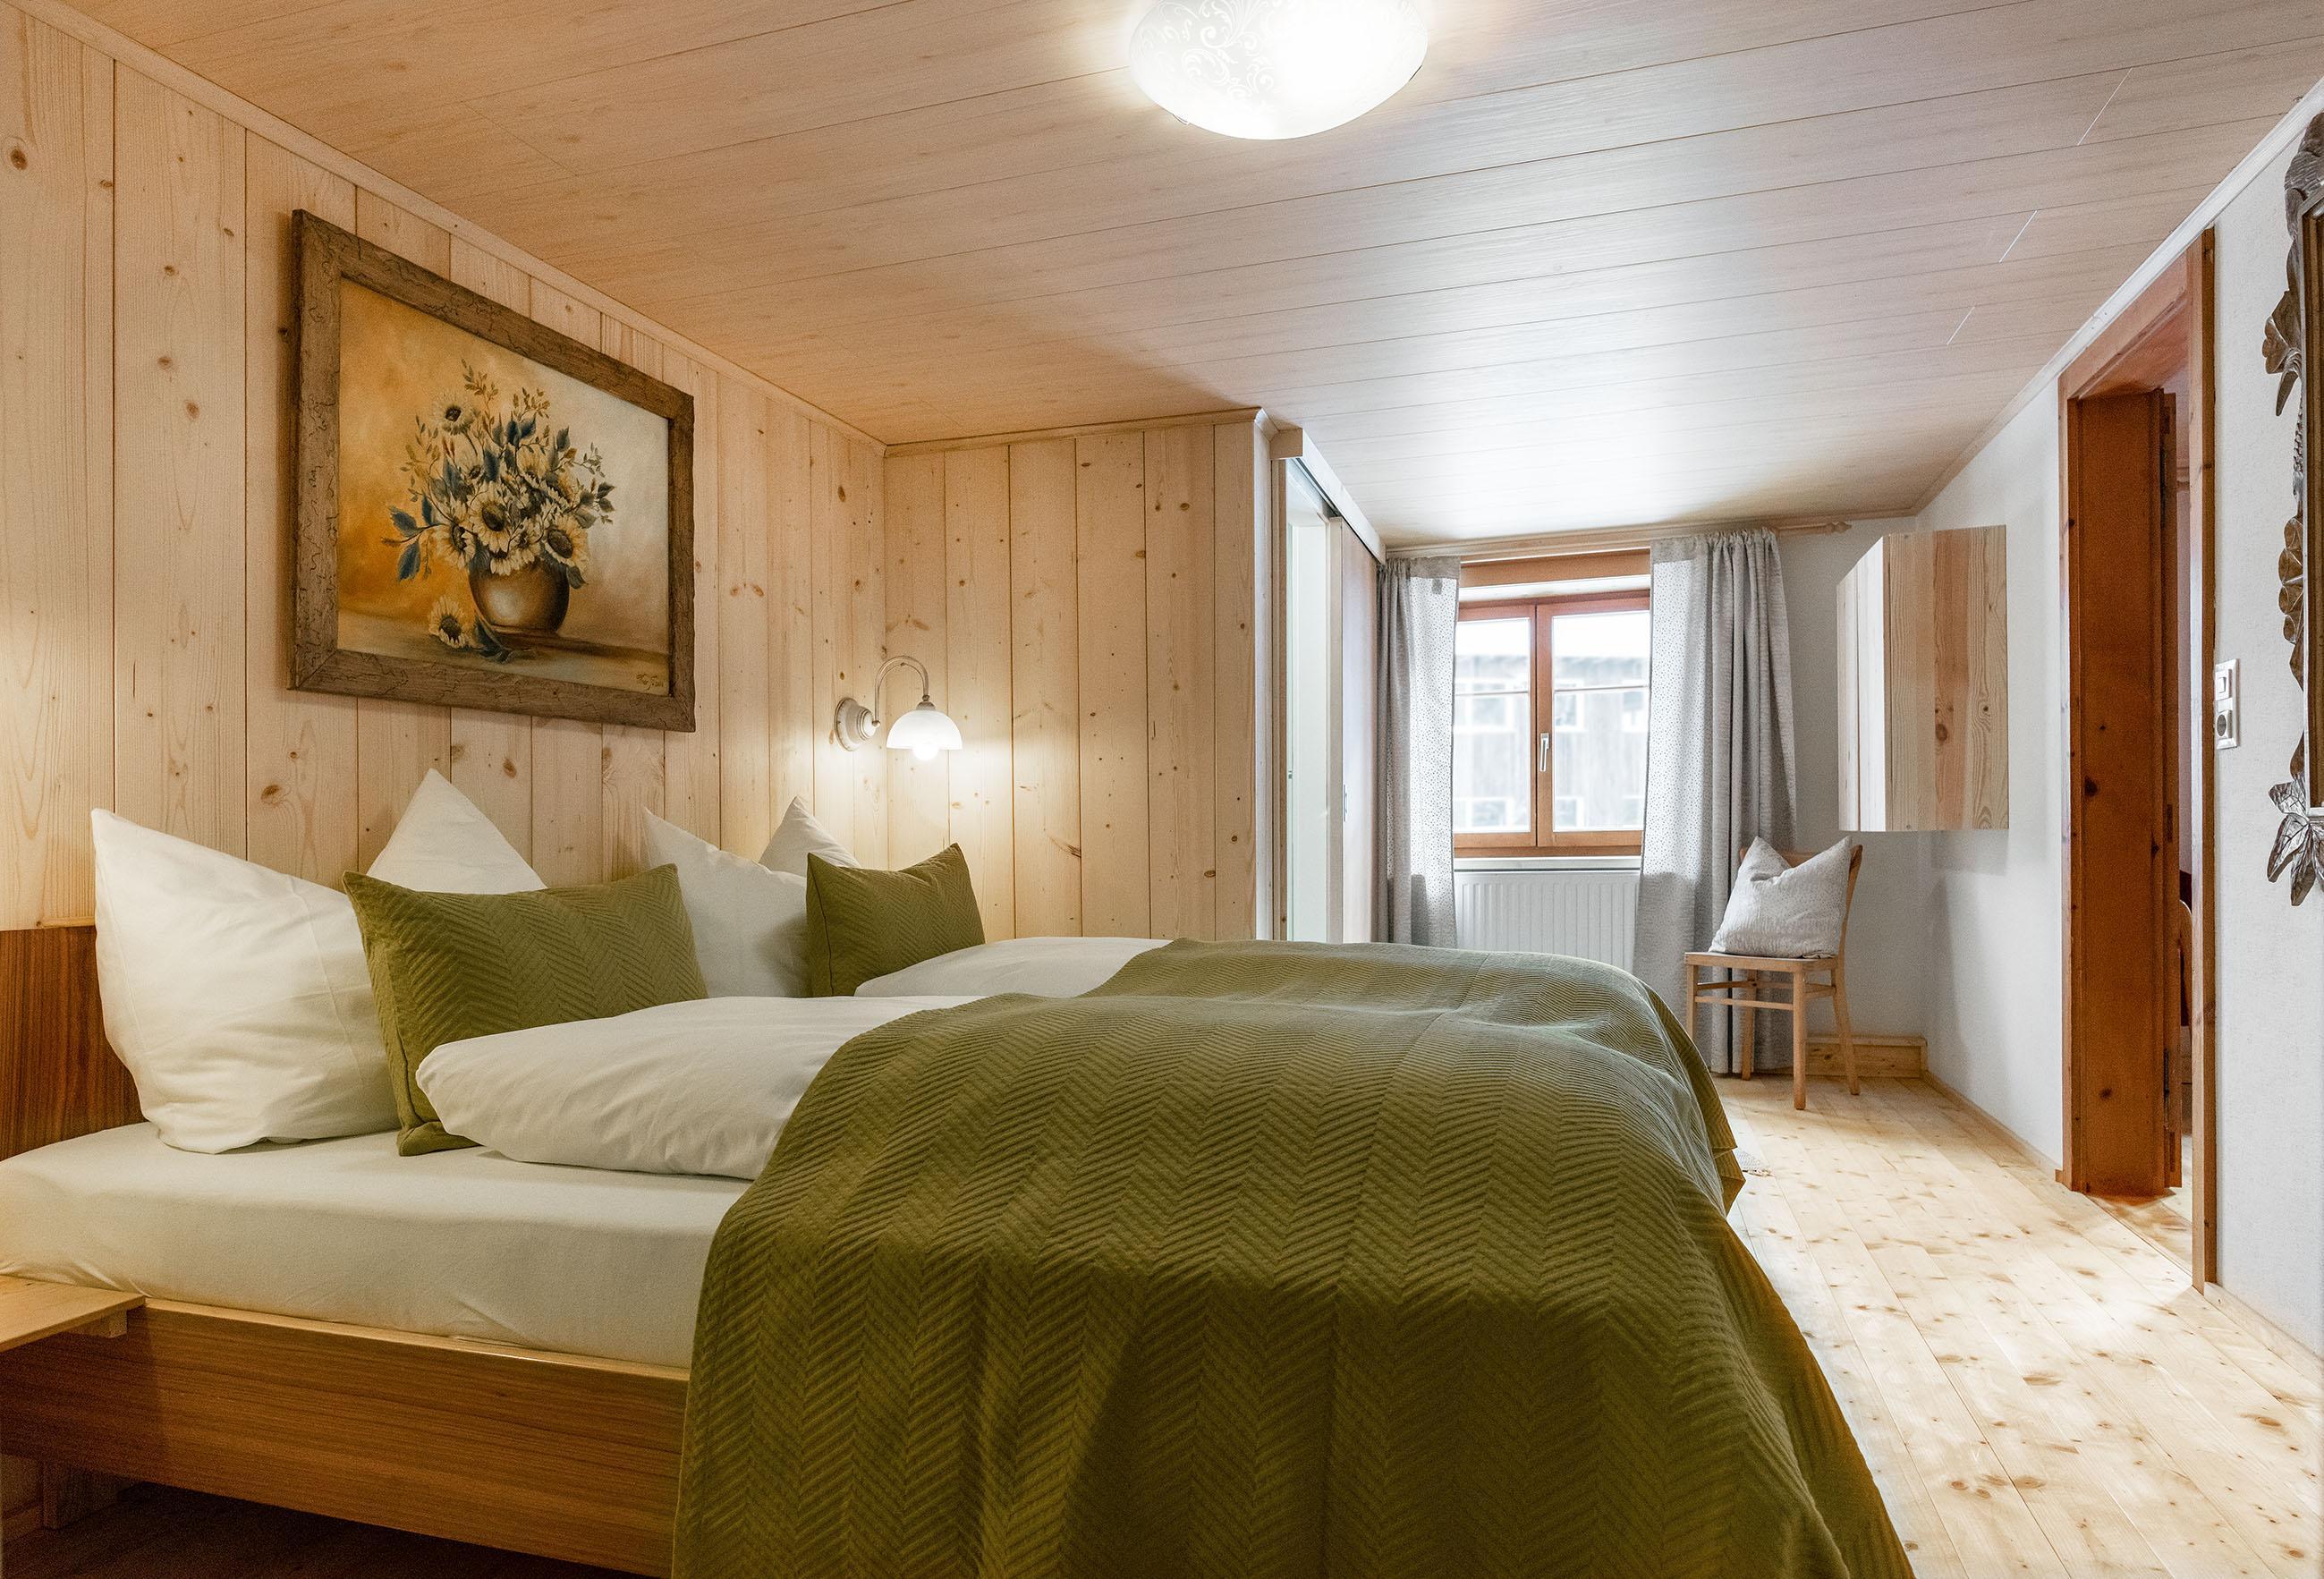 Ferienwohnung Haus Ganahl Ferienwohnung (2551602), Wald am Arlberg, Arlberg, Vorarlberg, Österreich, Bild 47